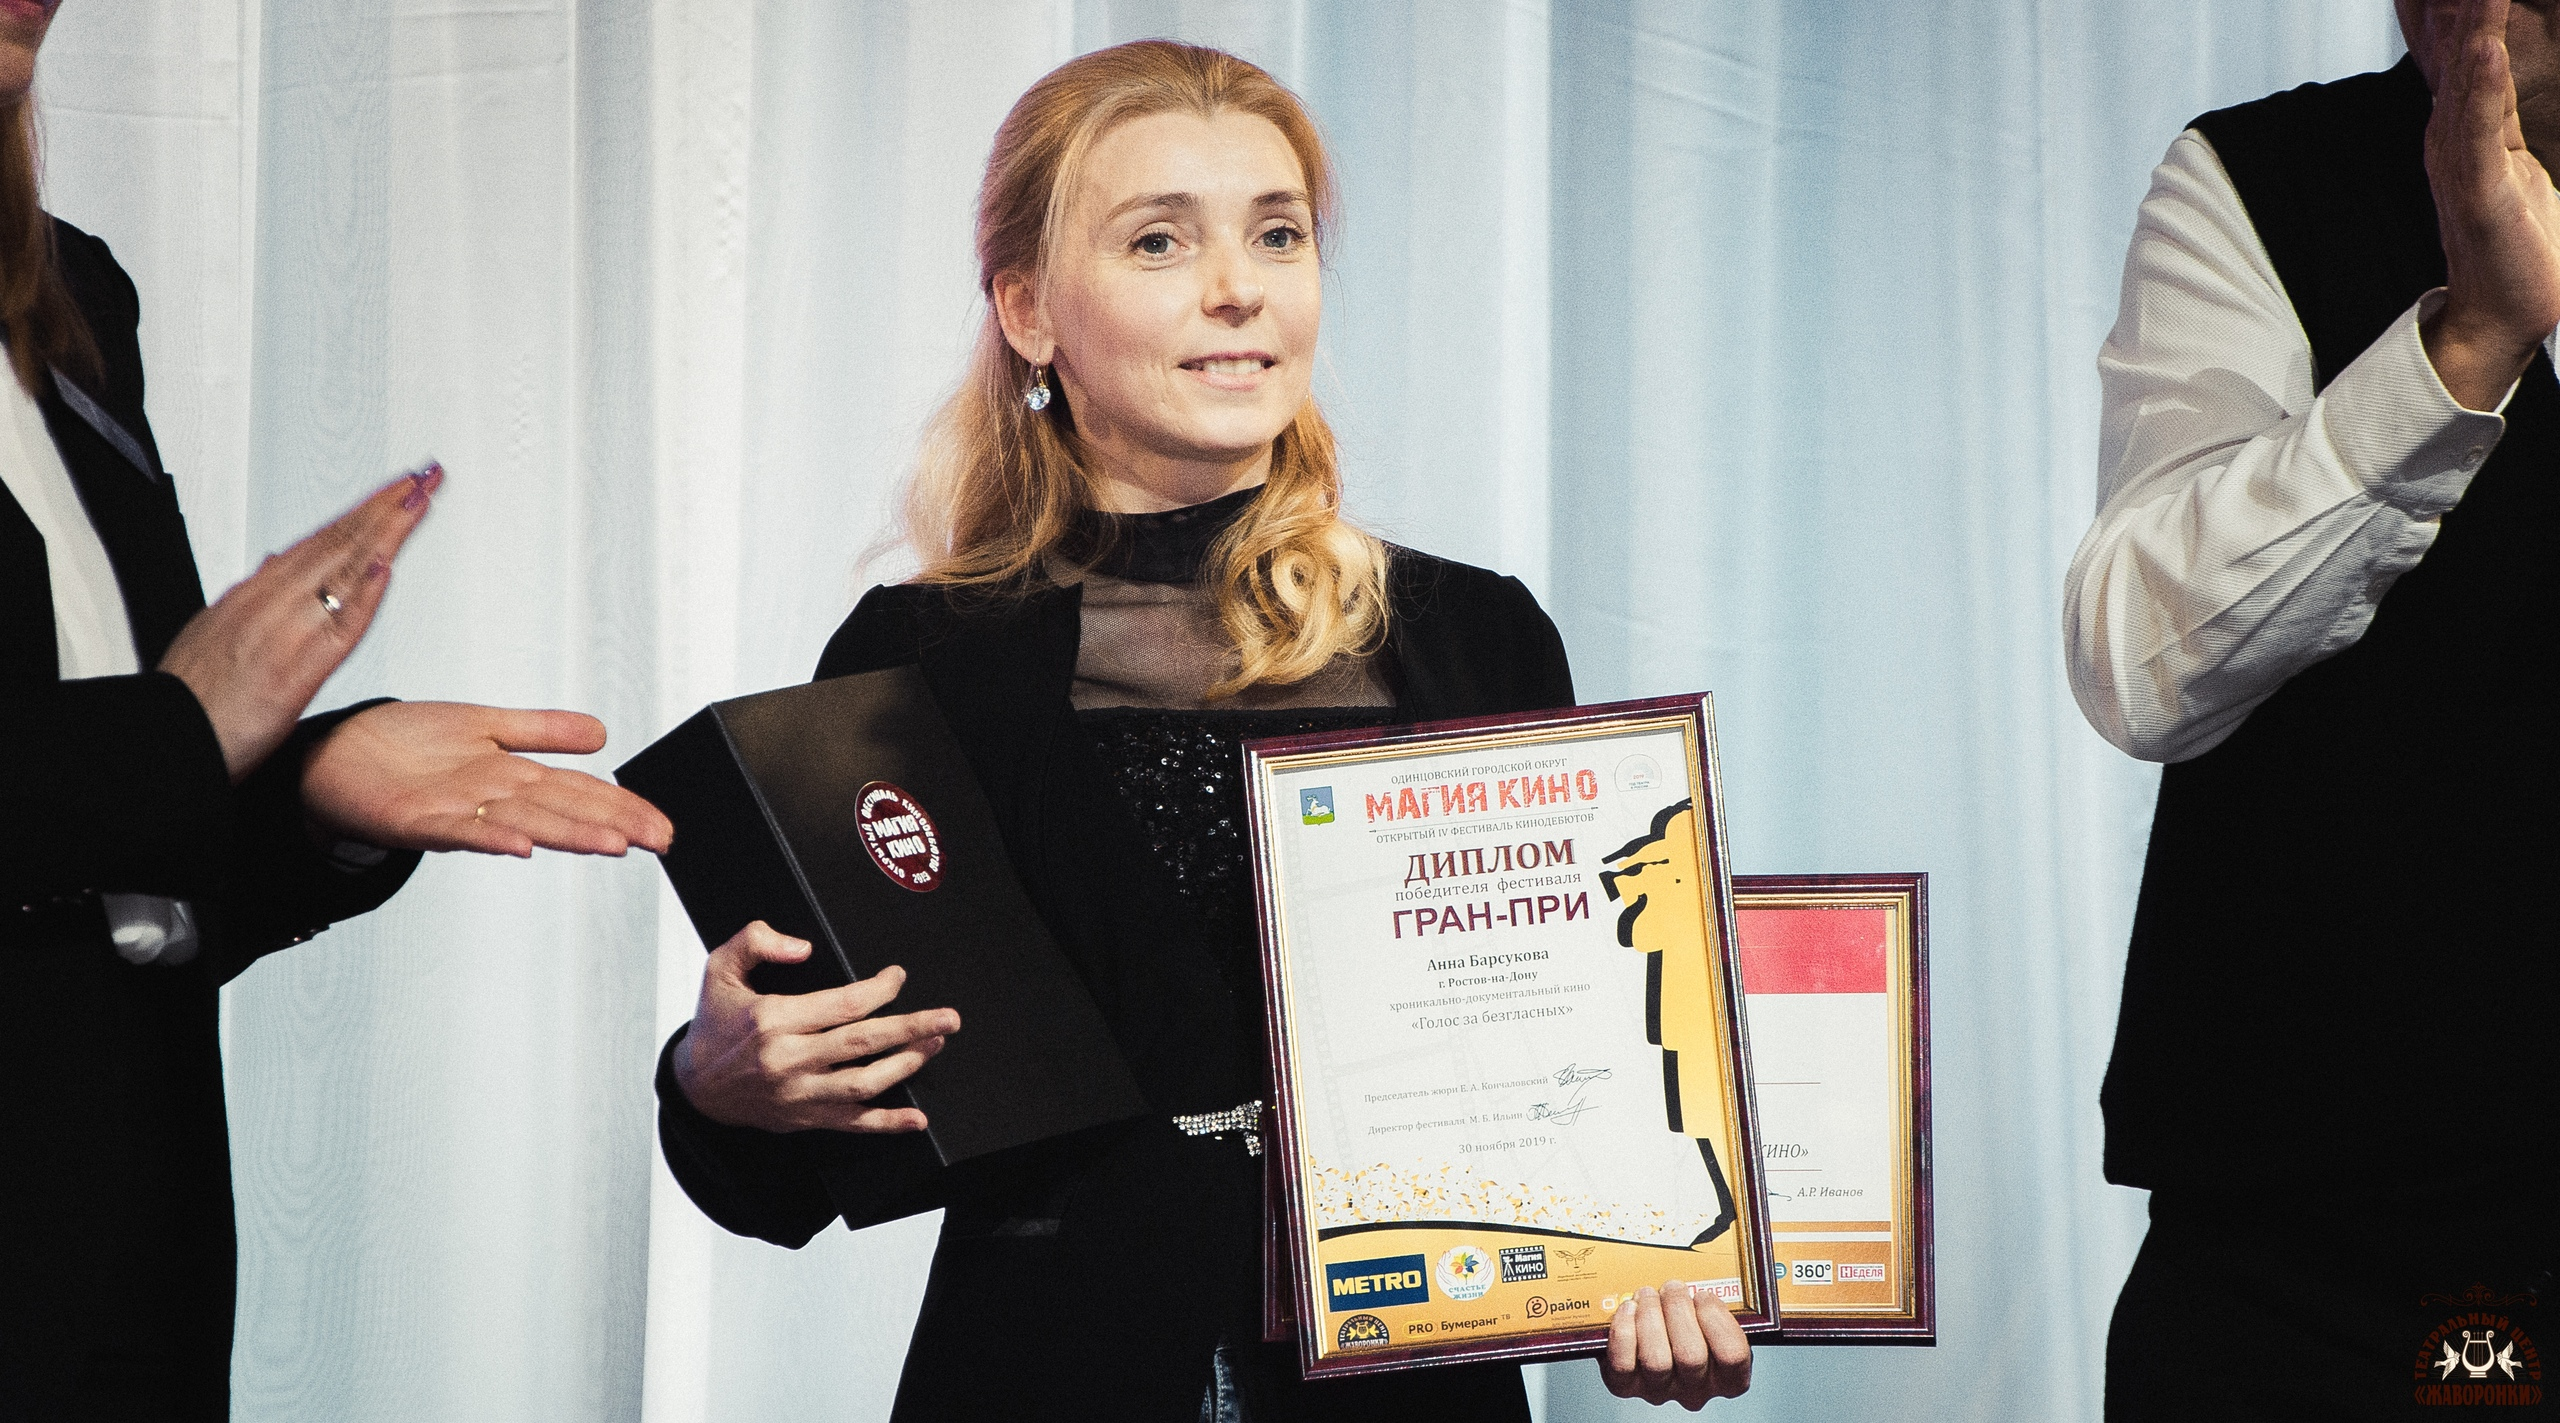 Гран-при фестиваля «Магия кино» за фильм «Голос за безгласных»